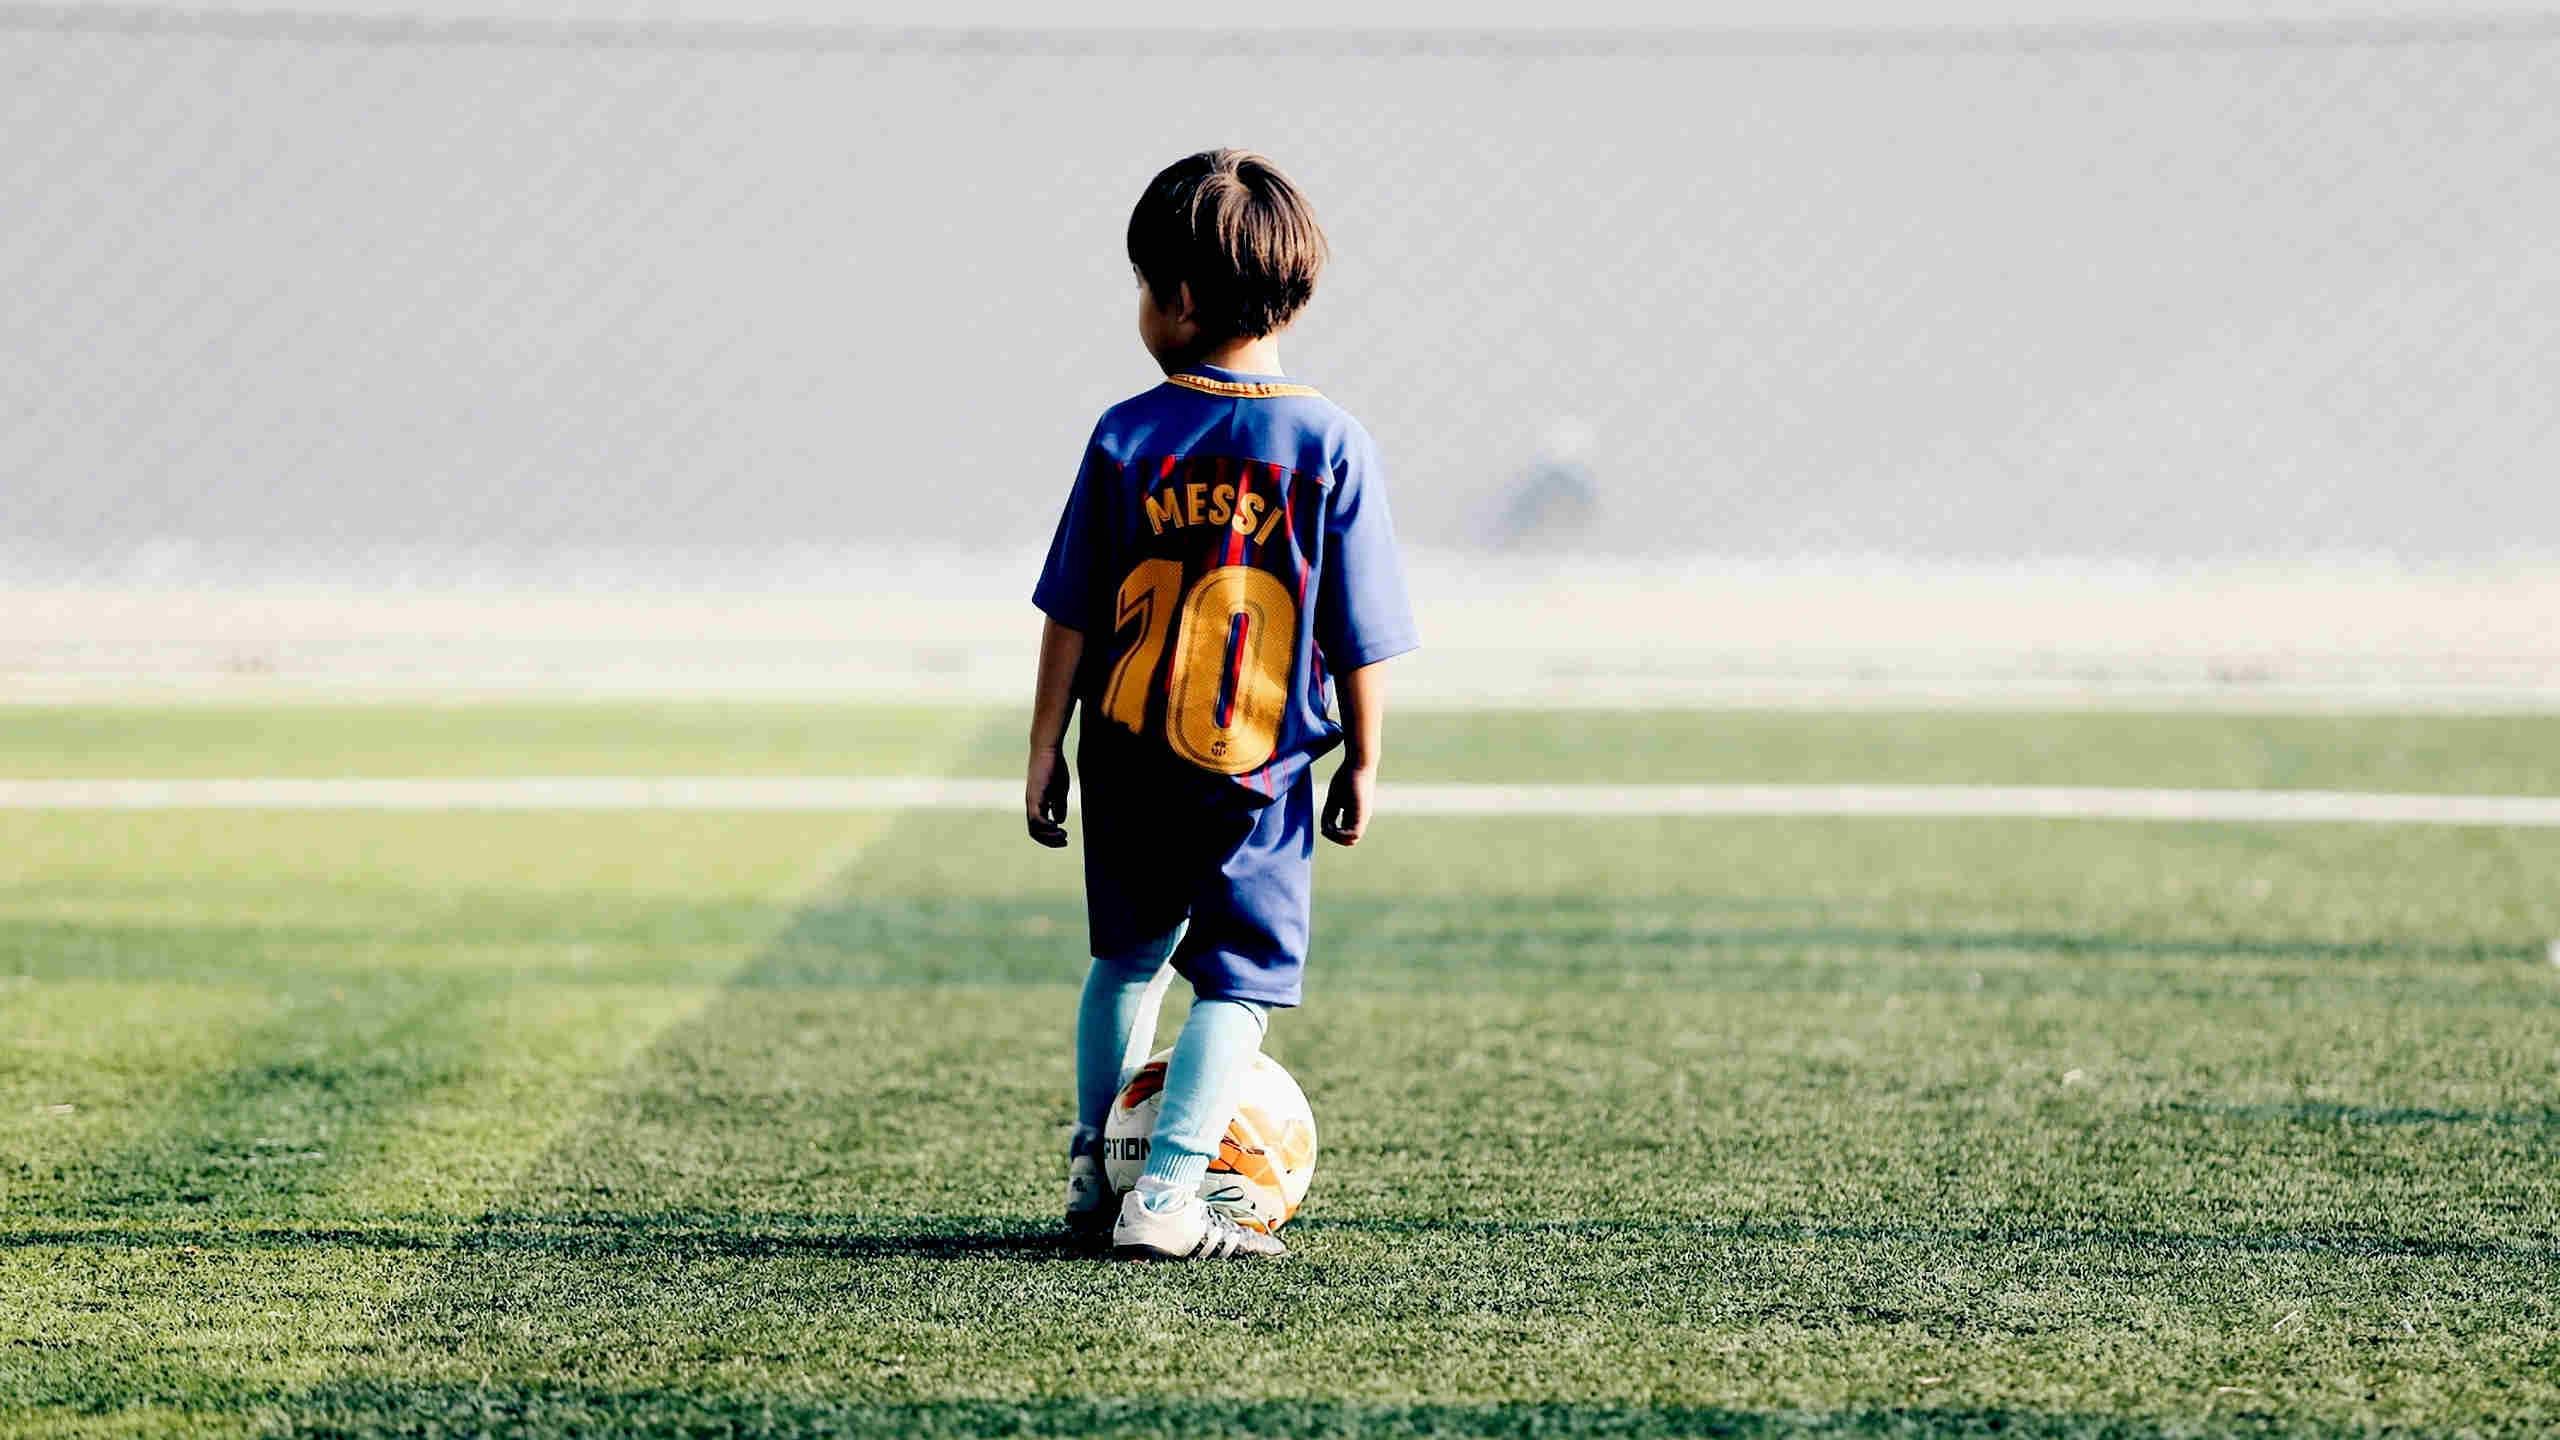 профессиональный спорт для детей